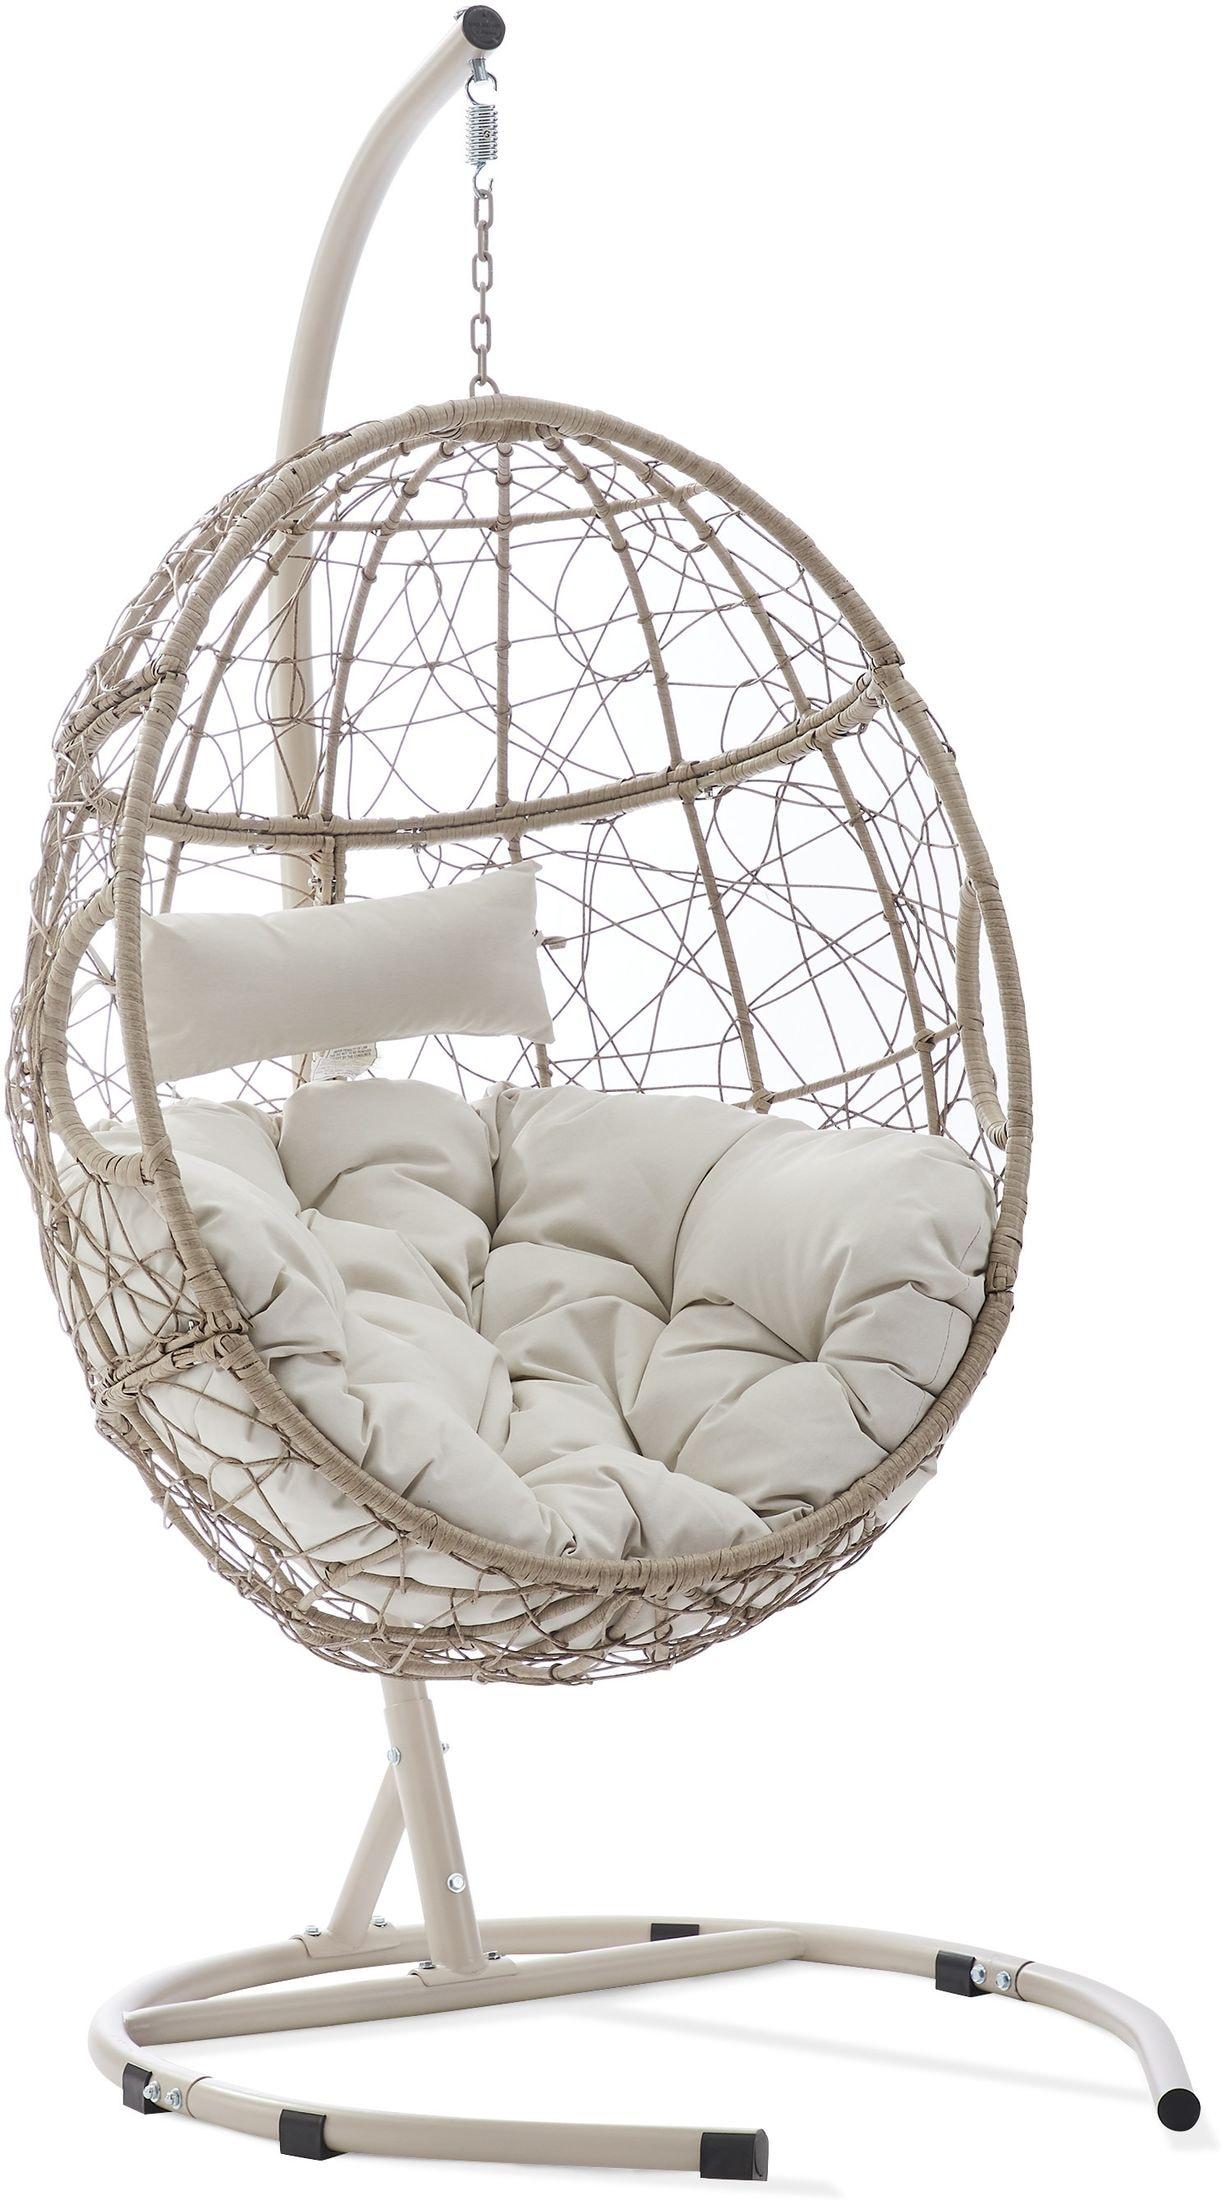 Outdoor Furniture - Hanging Indoor/Outdoor Egg Chair